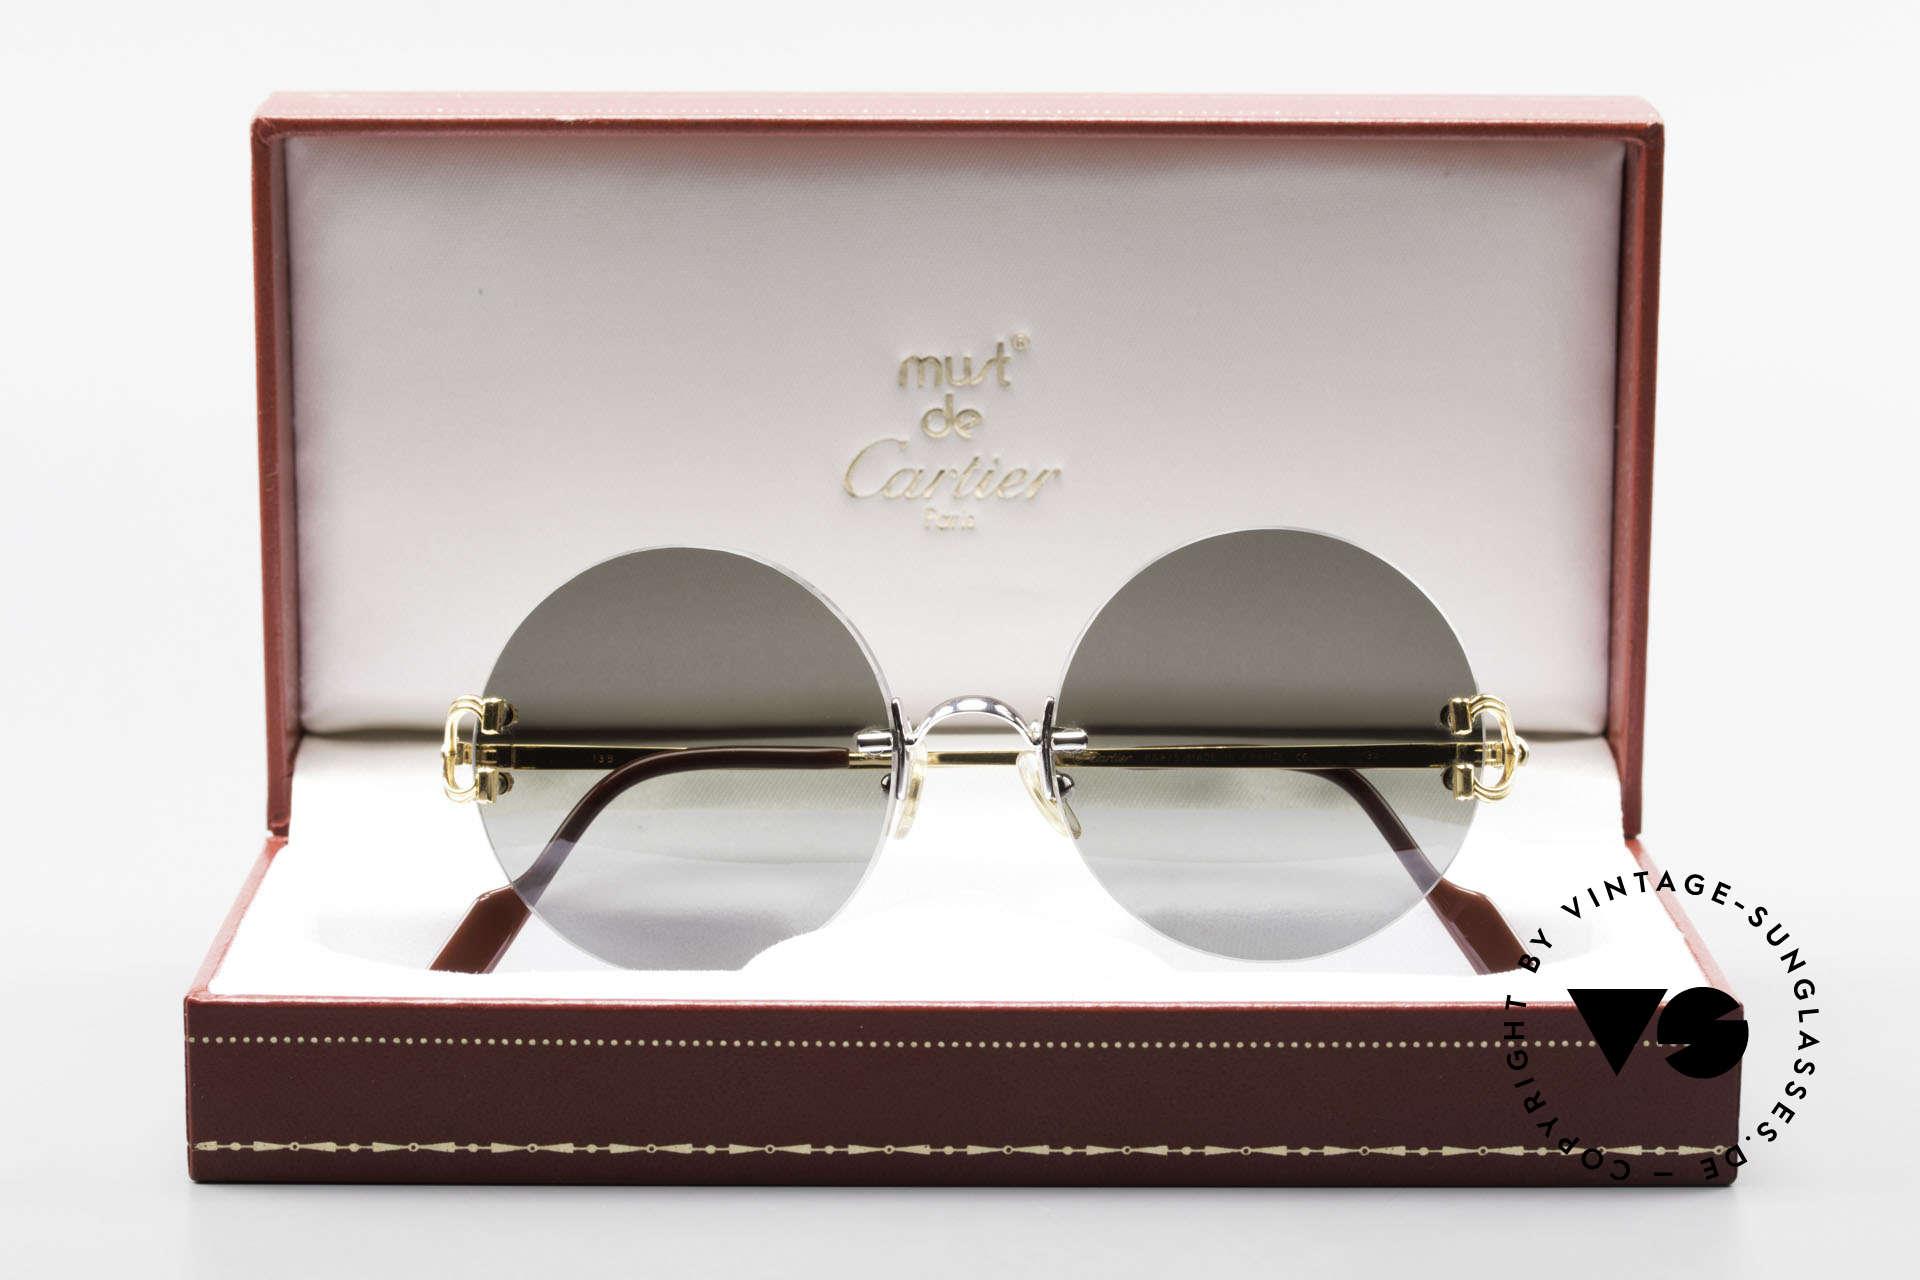 Cartier Madison Runde Customized Sonnenbrille, KEINE Retromode, sondern ein altes ORIGINAL!, Passend für Herren und Damen